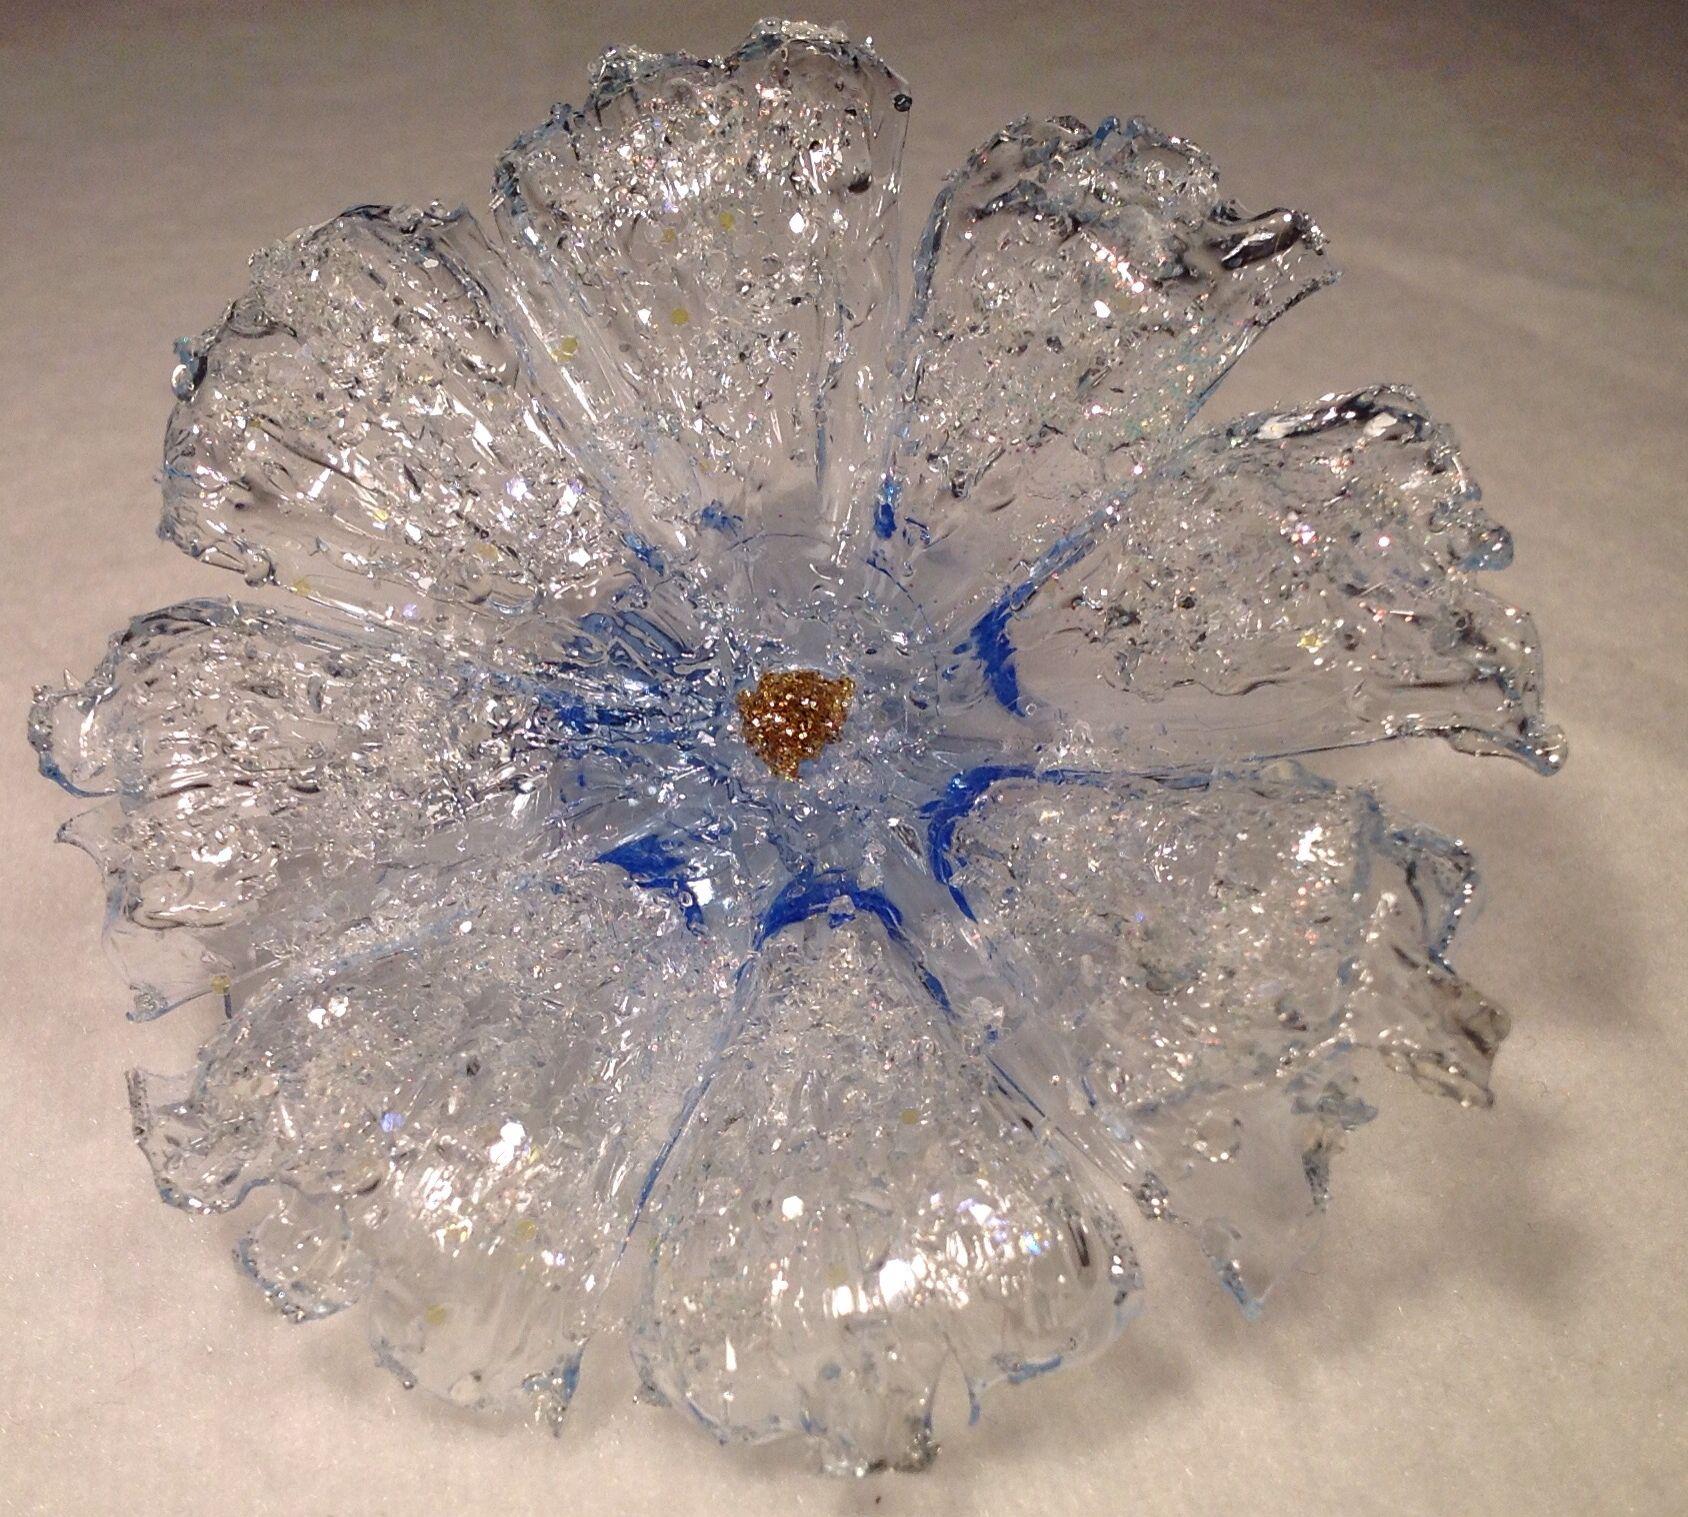 Diy fiori bellissimi come di cristallo riciclo plastica for Opzioni di materiale di raccordo